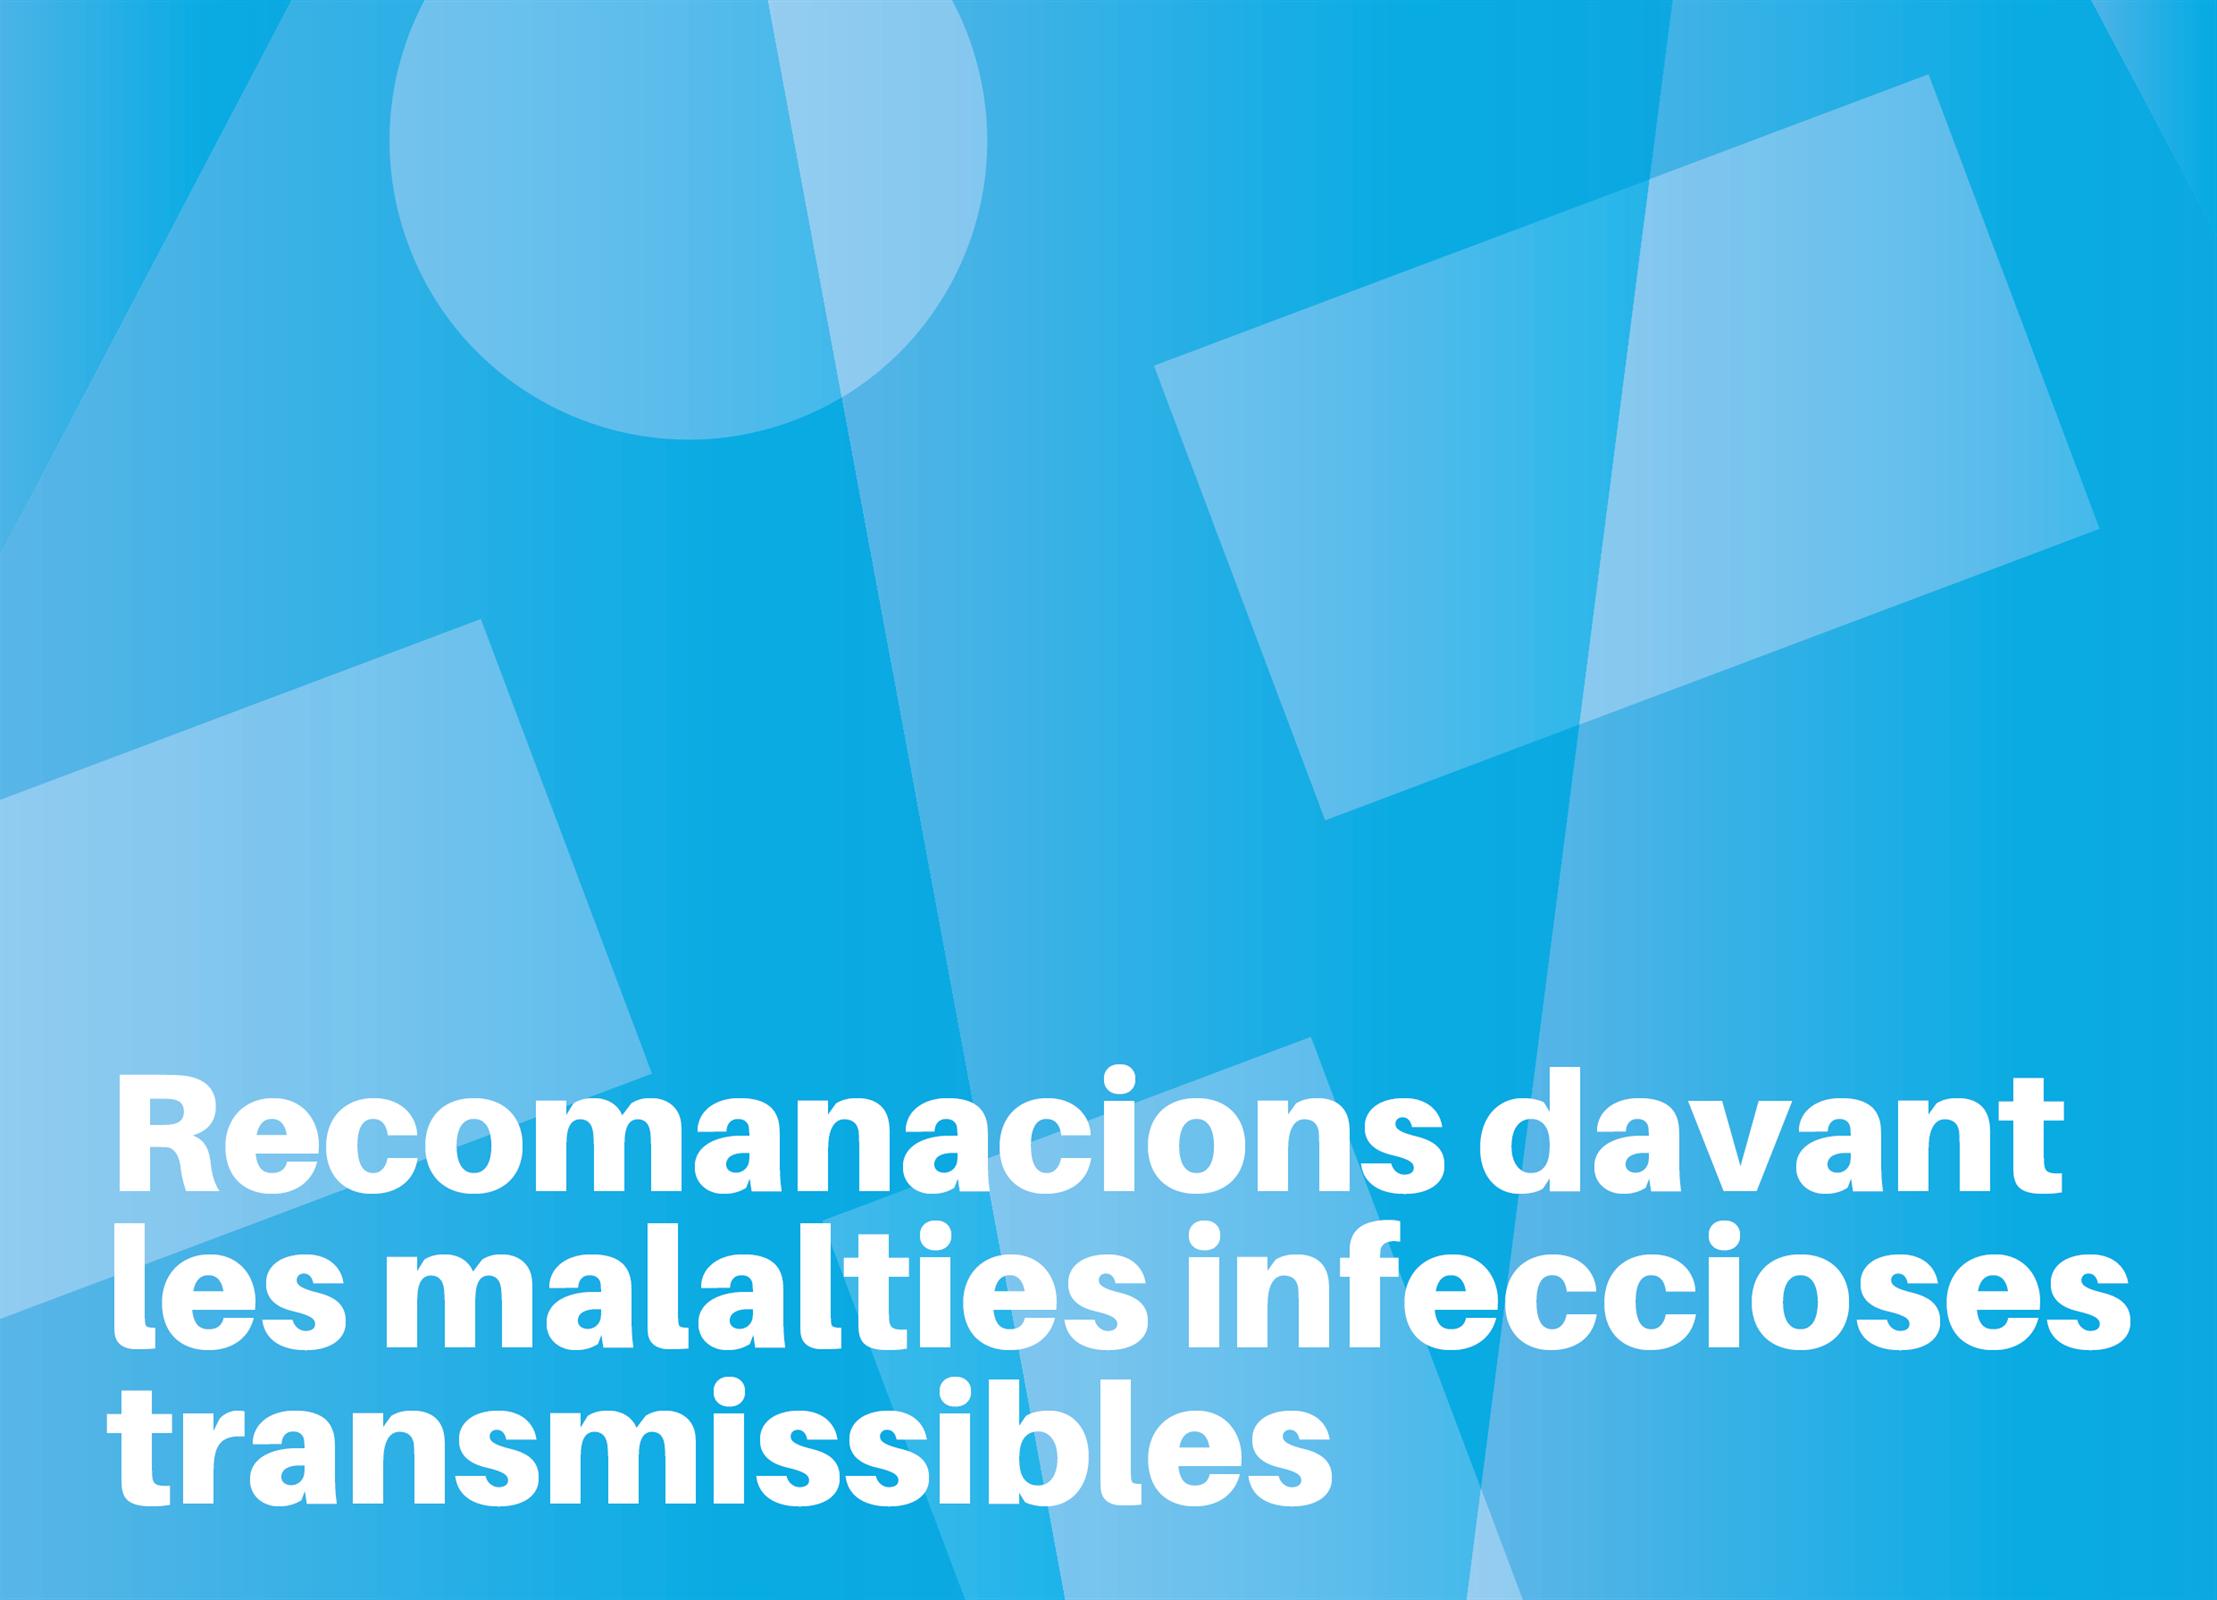 El nou cas pràctic de la CAIIV planteja quin és el risc de contagi d'Hepatitis C en cas d'esquitxada en ulls i mucosa oral